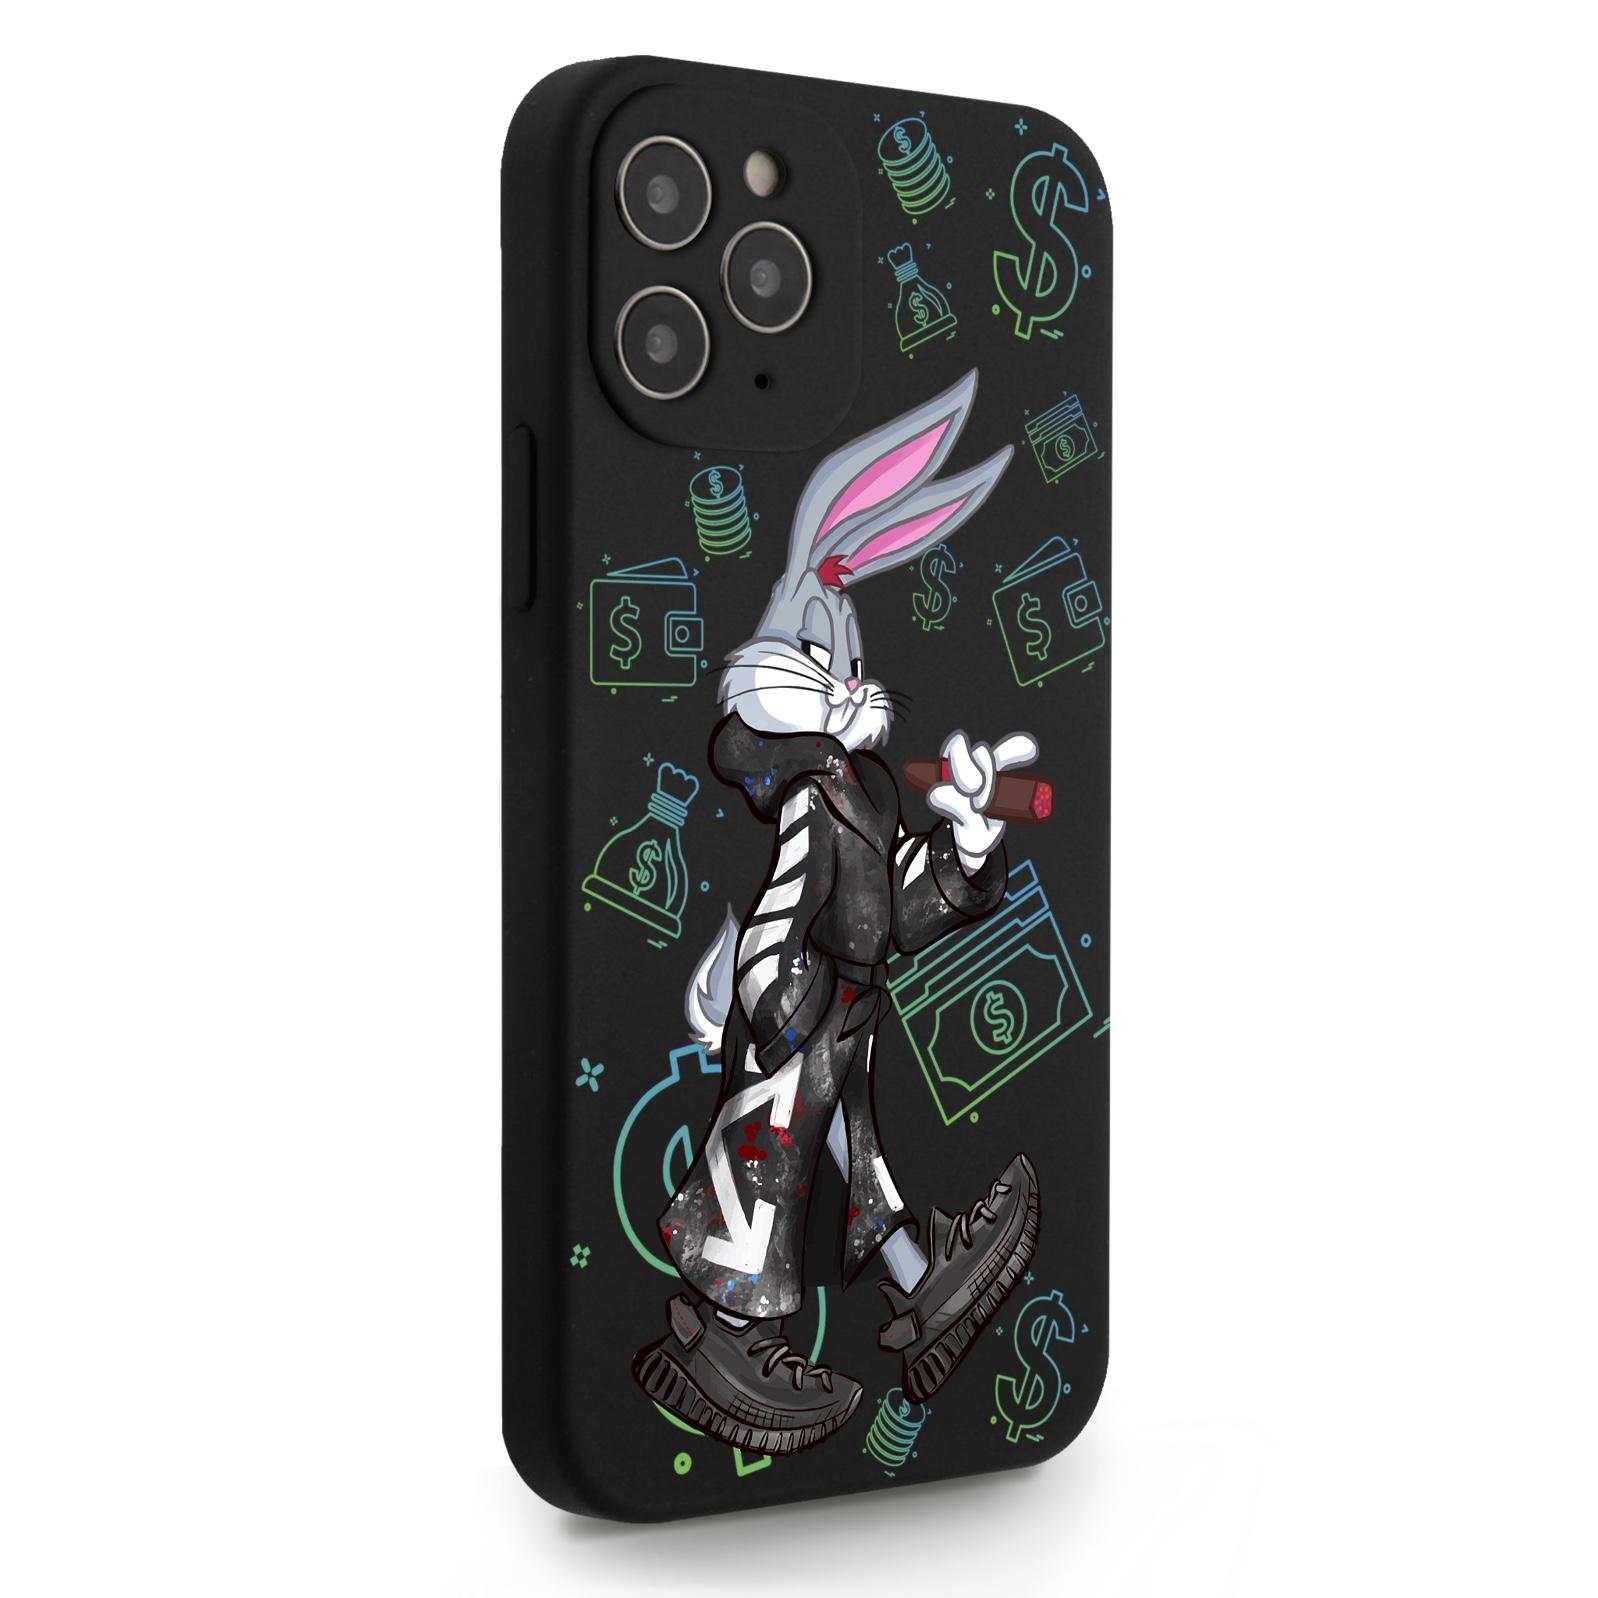 Черный силиконовый чехол для iPhone 12/12 Pro Mr. Rich Bunny Neon/ Мистер Богатый Заяц Неон для Айфон 12/12 Про